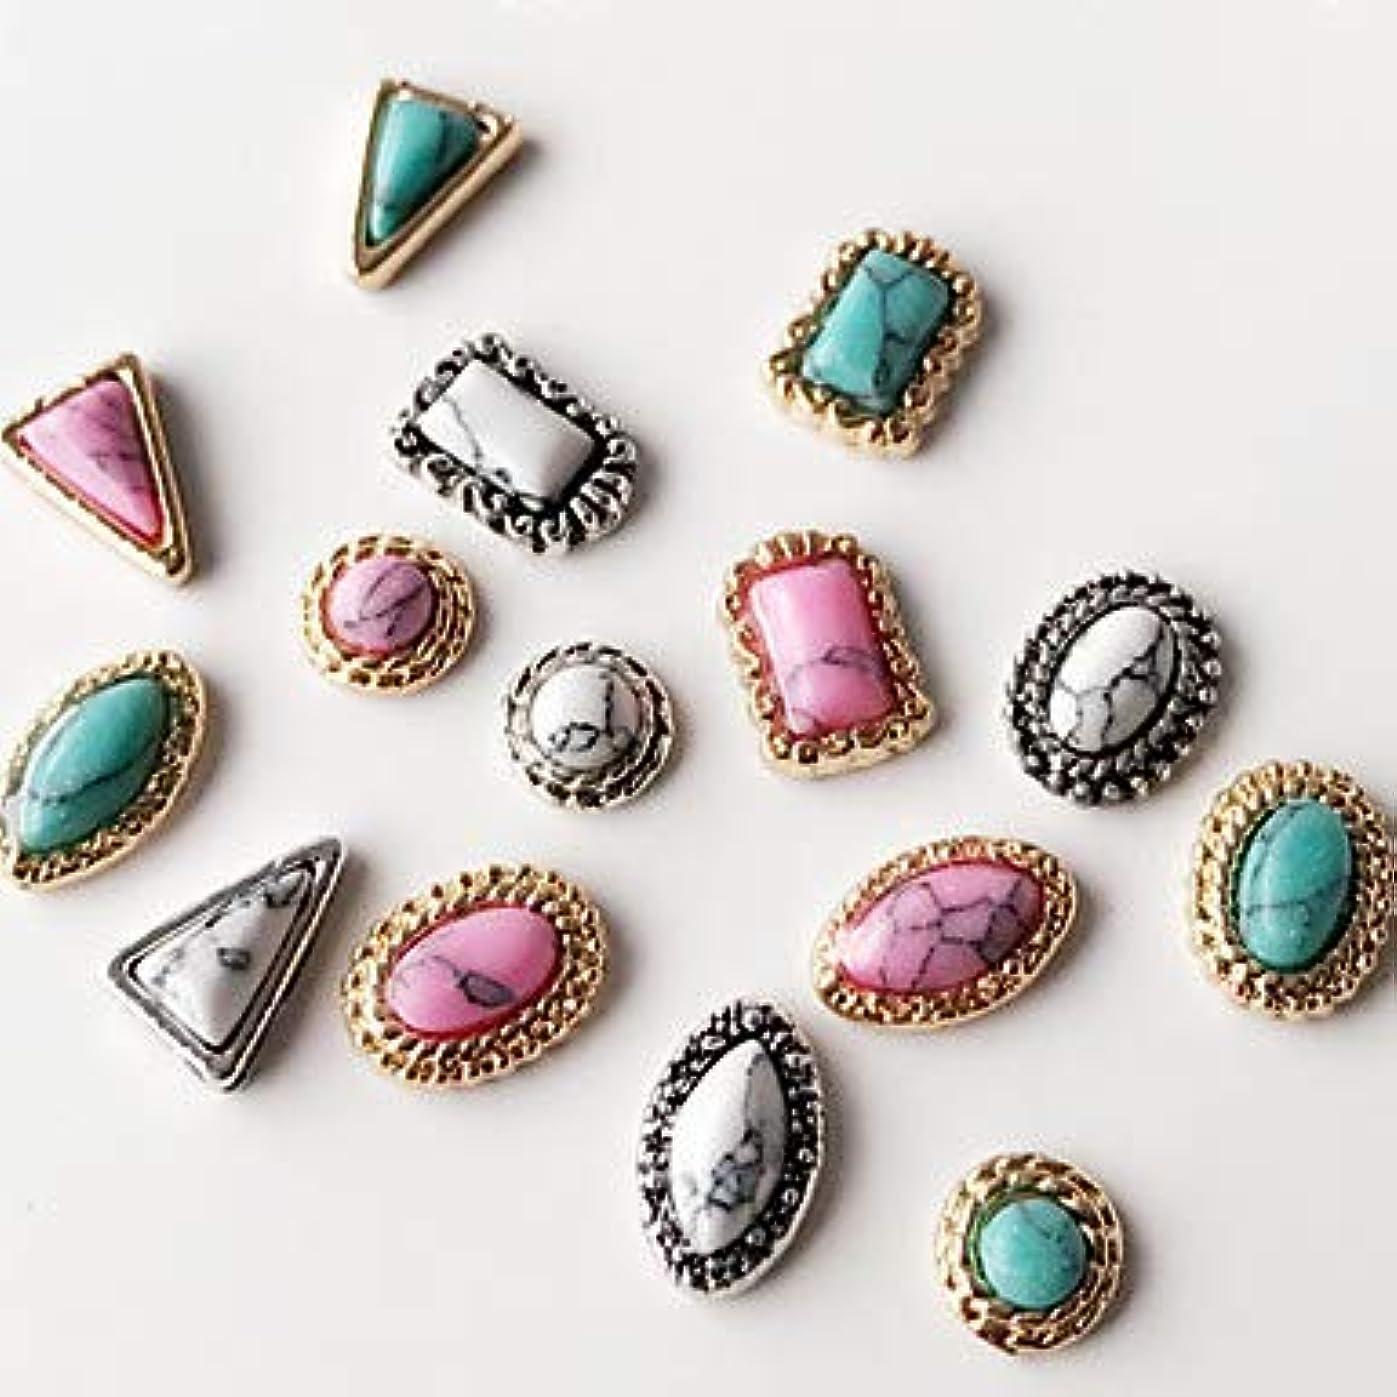 説教する極めて宗教的な10個混合スタイル混合色古代の宝石ネイルアートの装飾に戻ります